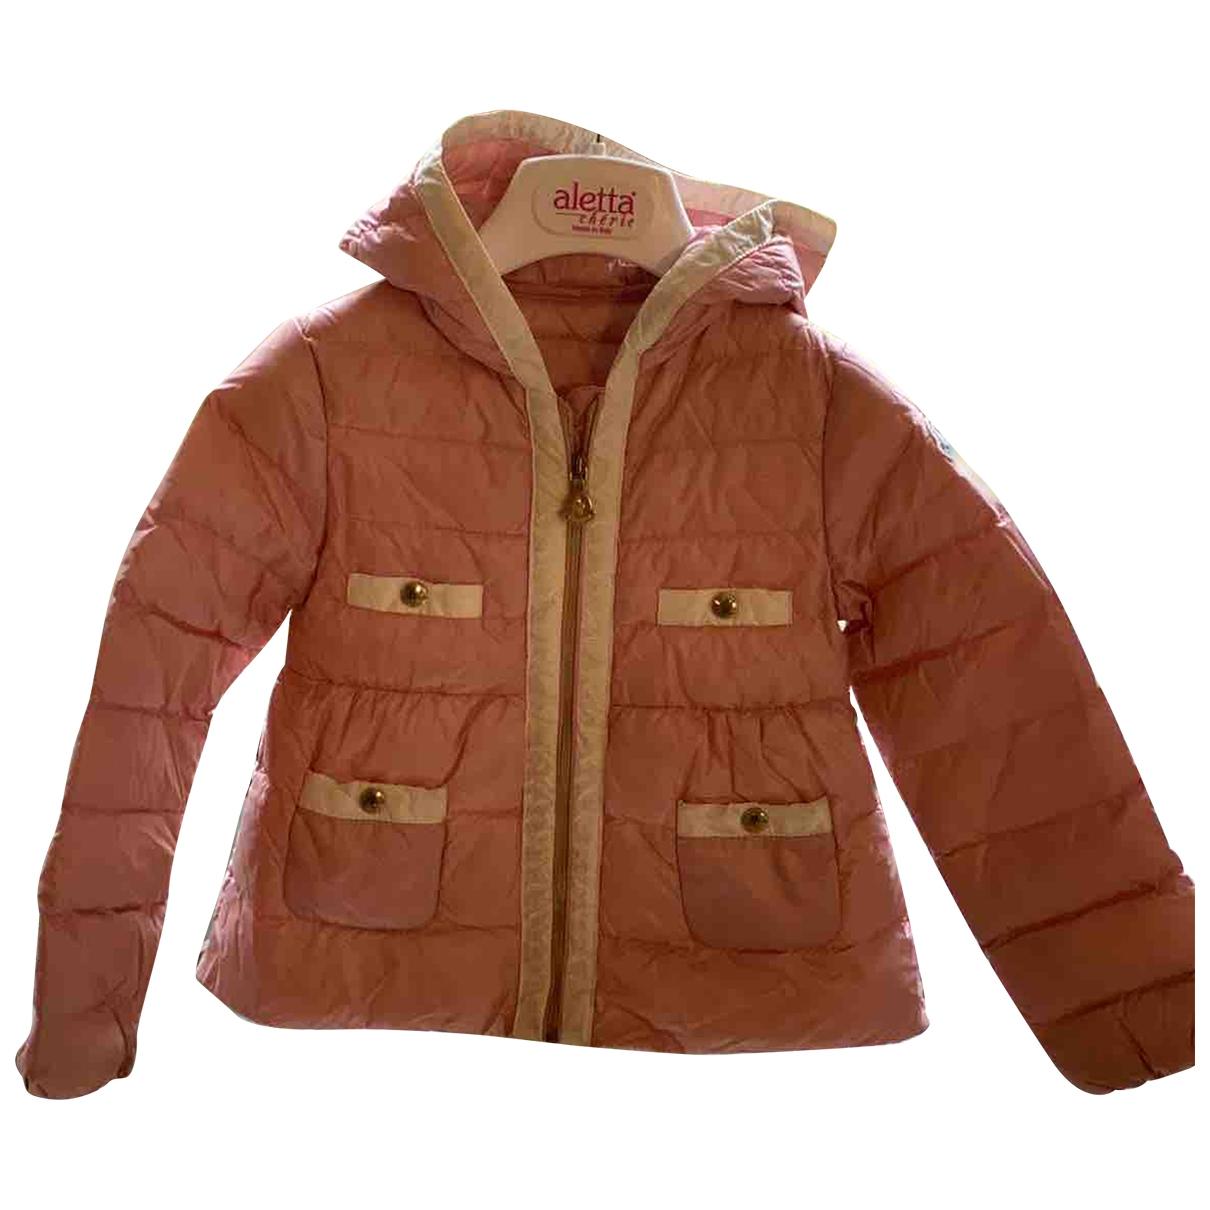 Moncler - Blousons.Manteaux   pour enfant - rose